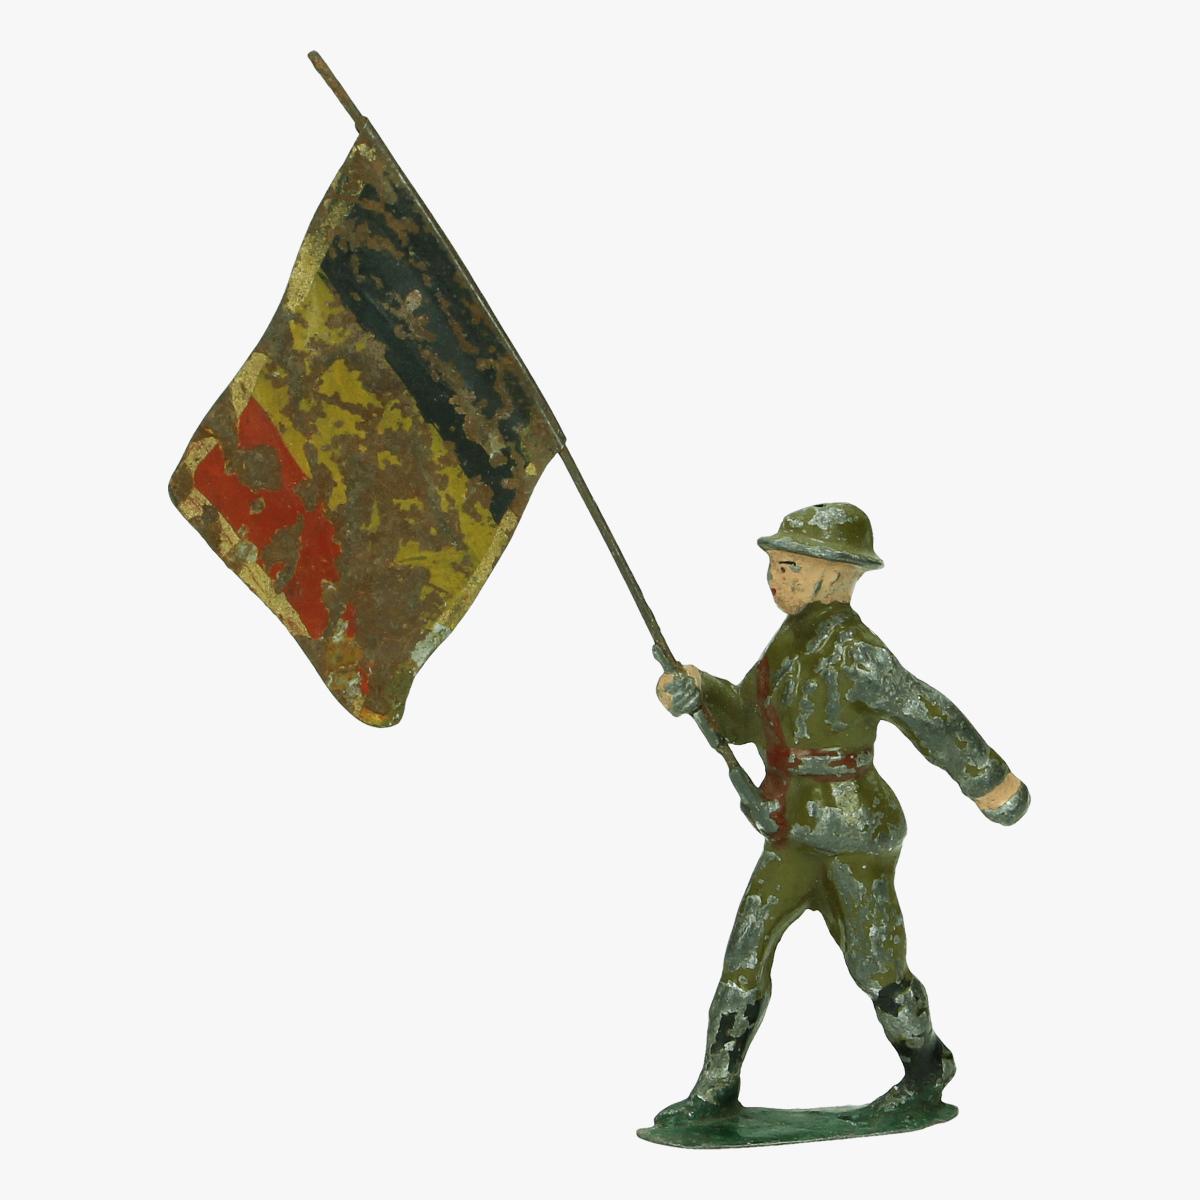 Afbeeldingen van loden soldaatje